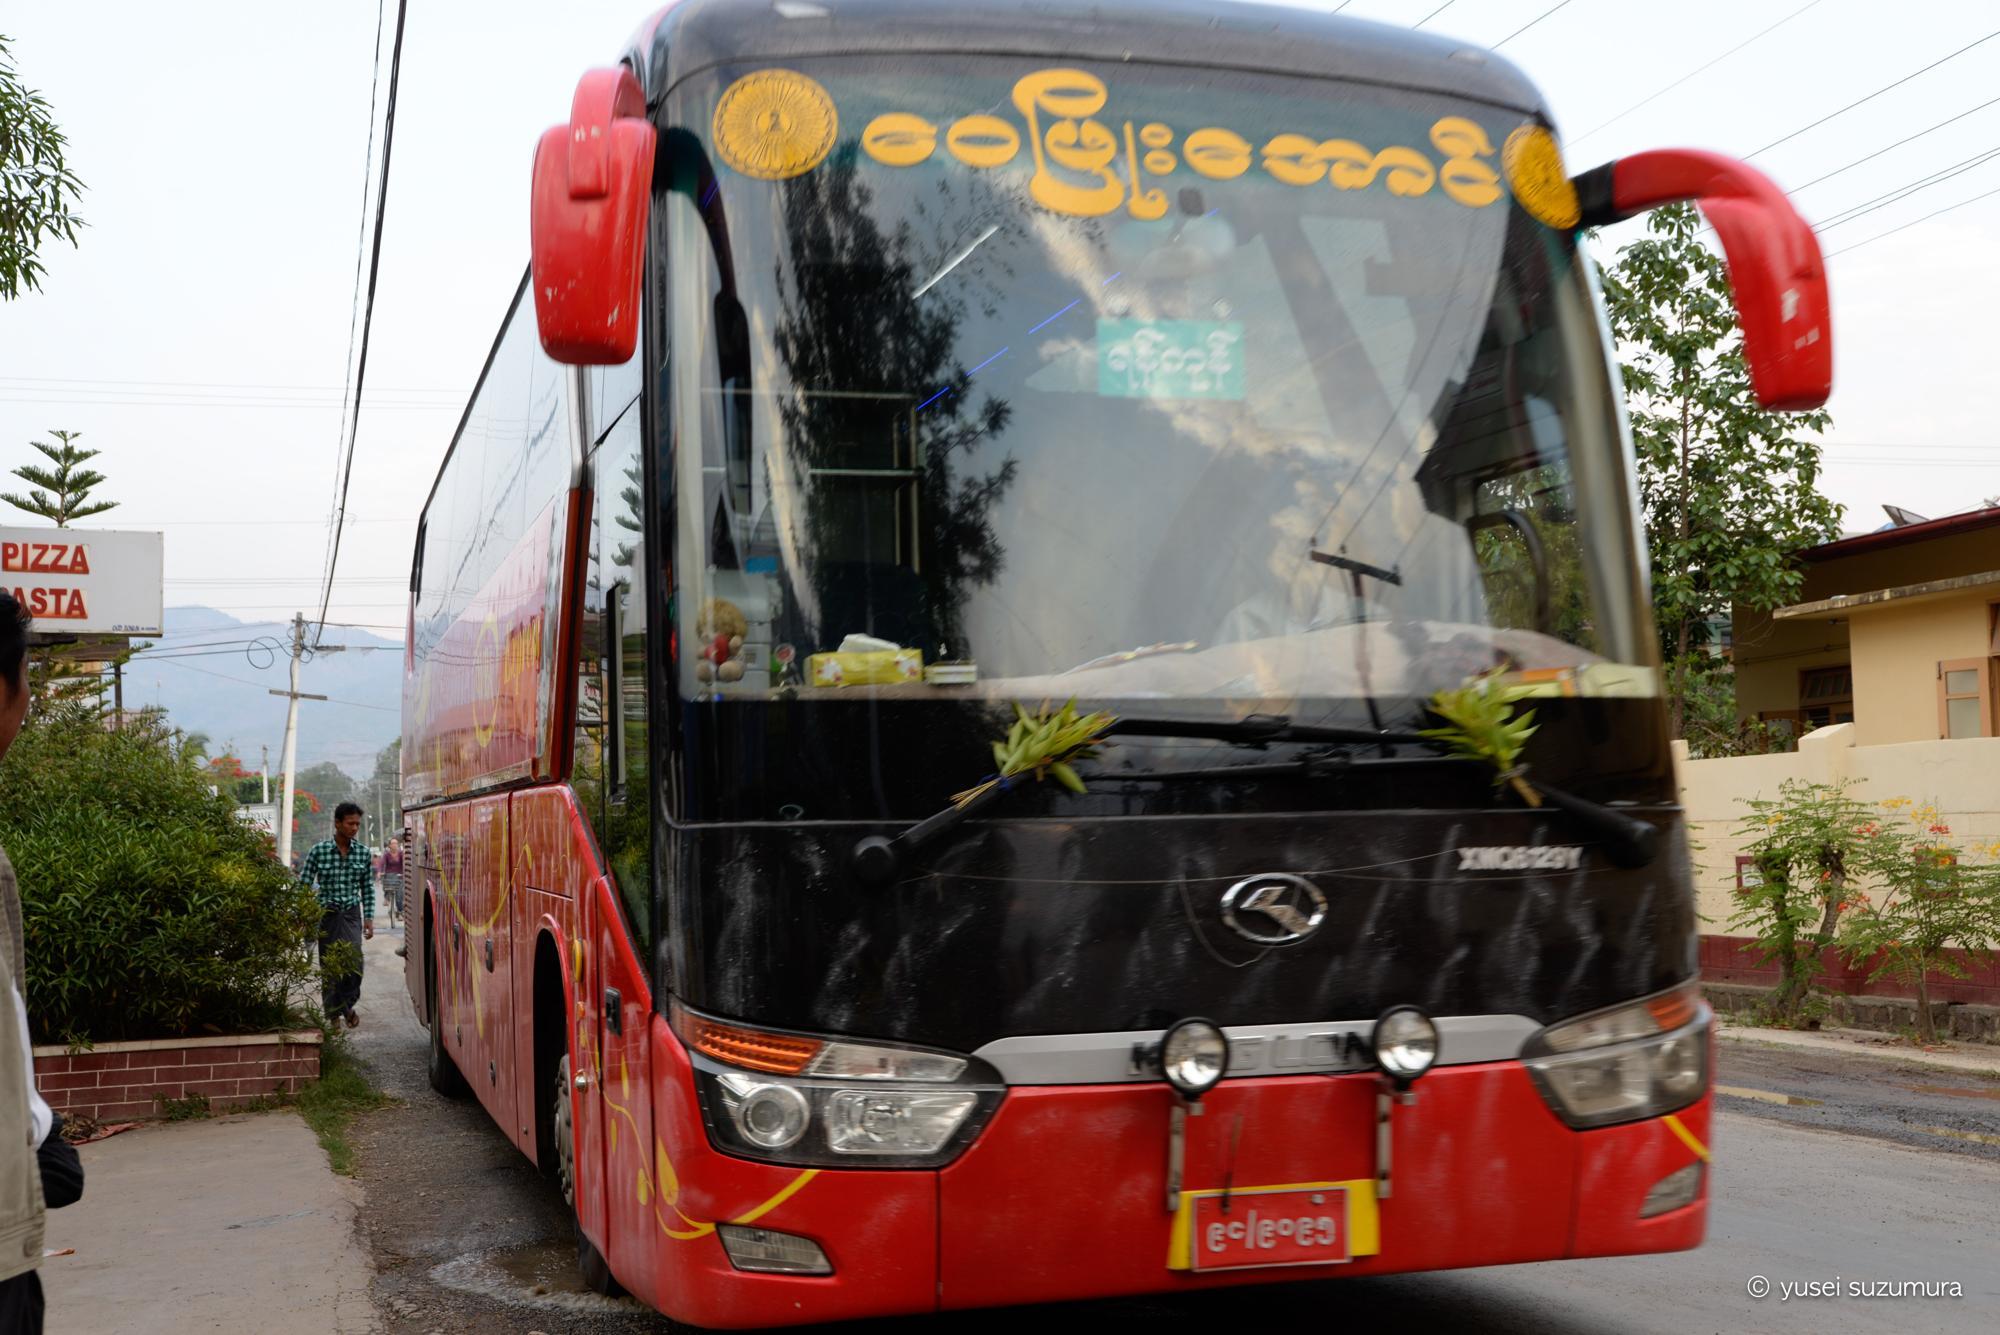 ニャウンシュエからヤンゴン行きの夜行バス